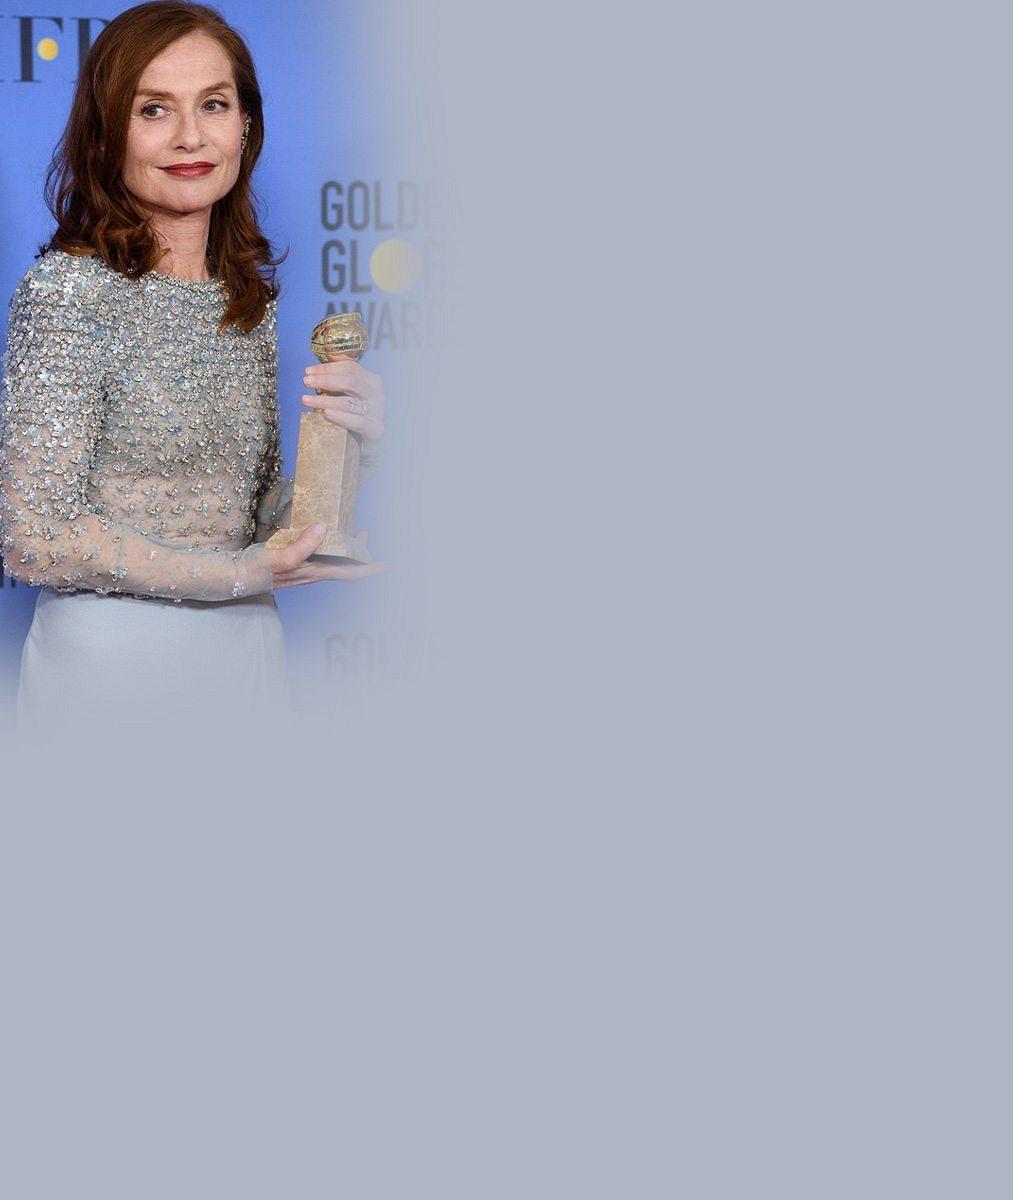 Na Zlatých glóbech bodovala herečka proslulá filmem plným brutální erotiky: Takhle senzačně vypadá po šedesátce